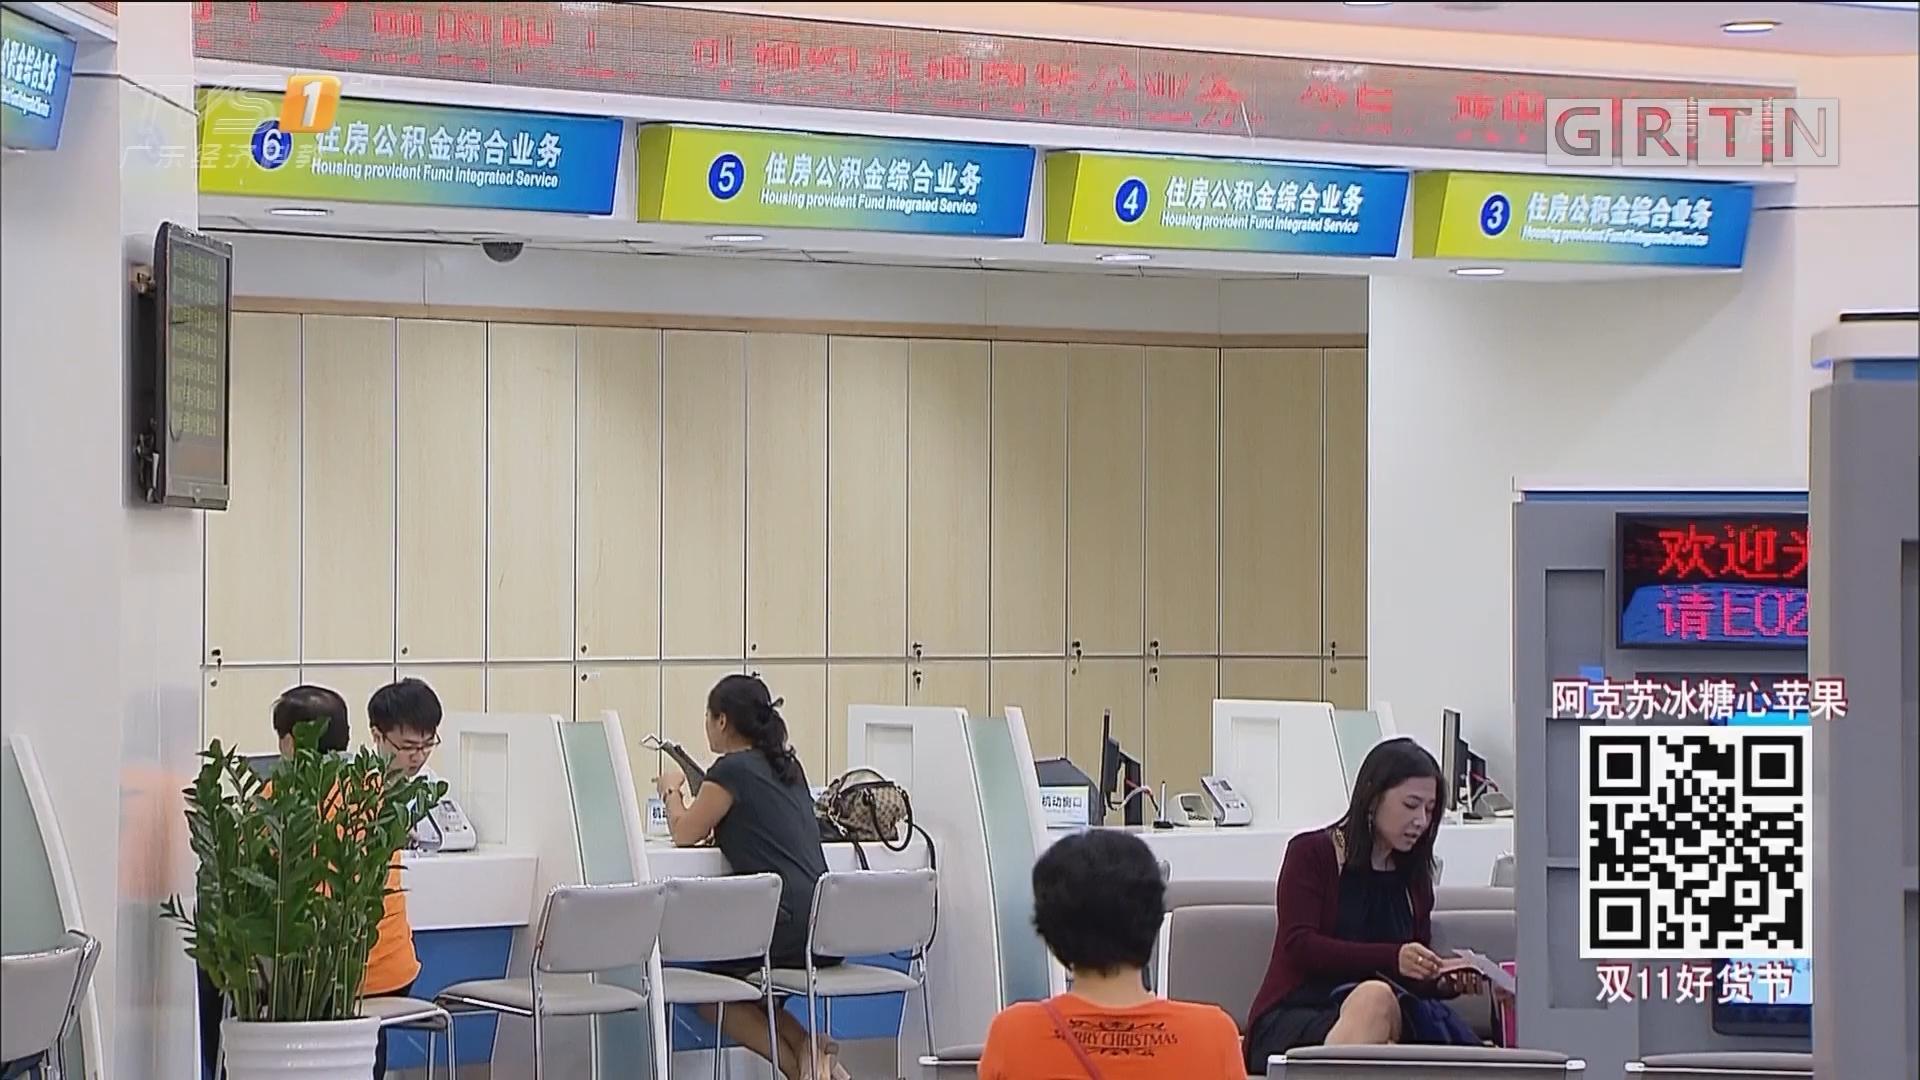 广州提公积金 免交材料复印件